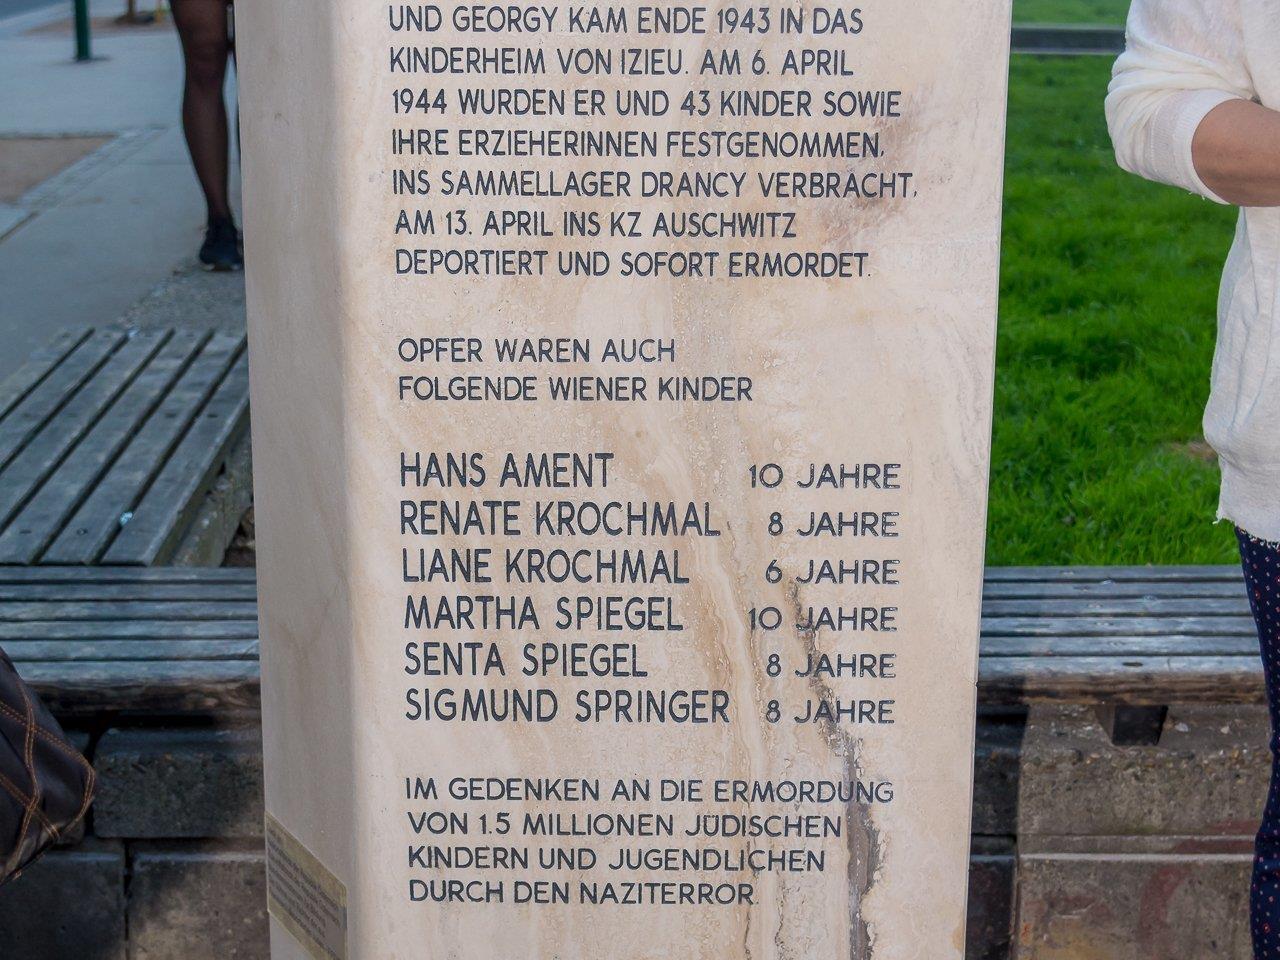 Enthüllung des Gedenksteins Kinder von Izieu - Schwedenplatz Wien - 03.04.2107